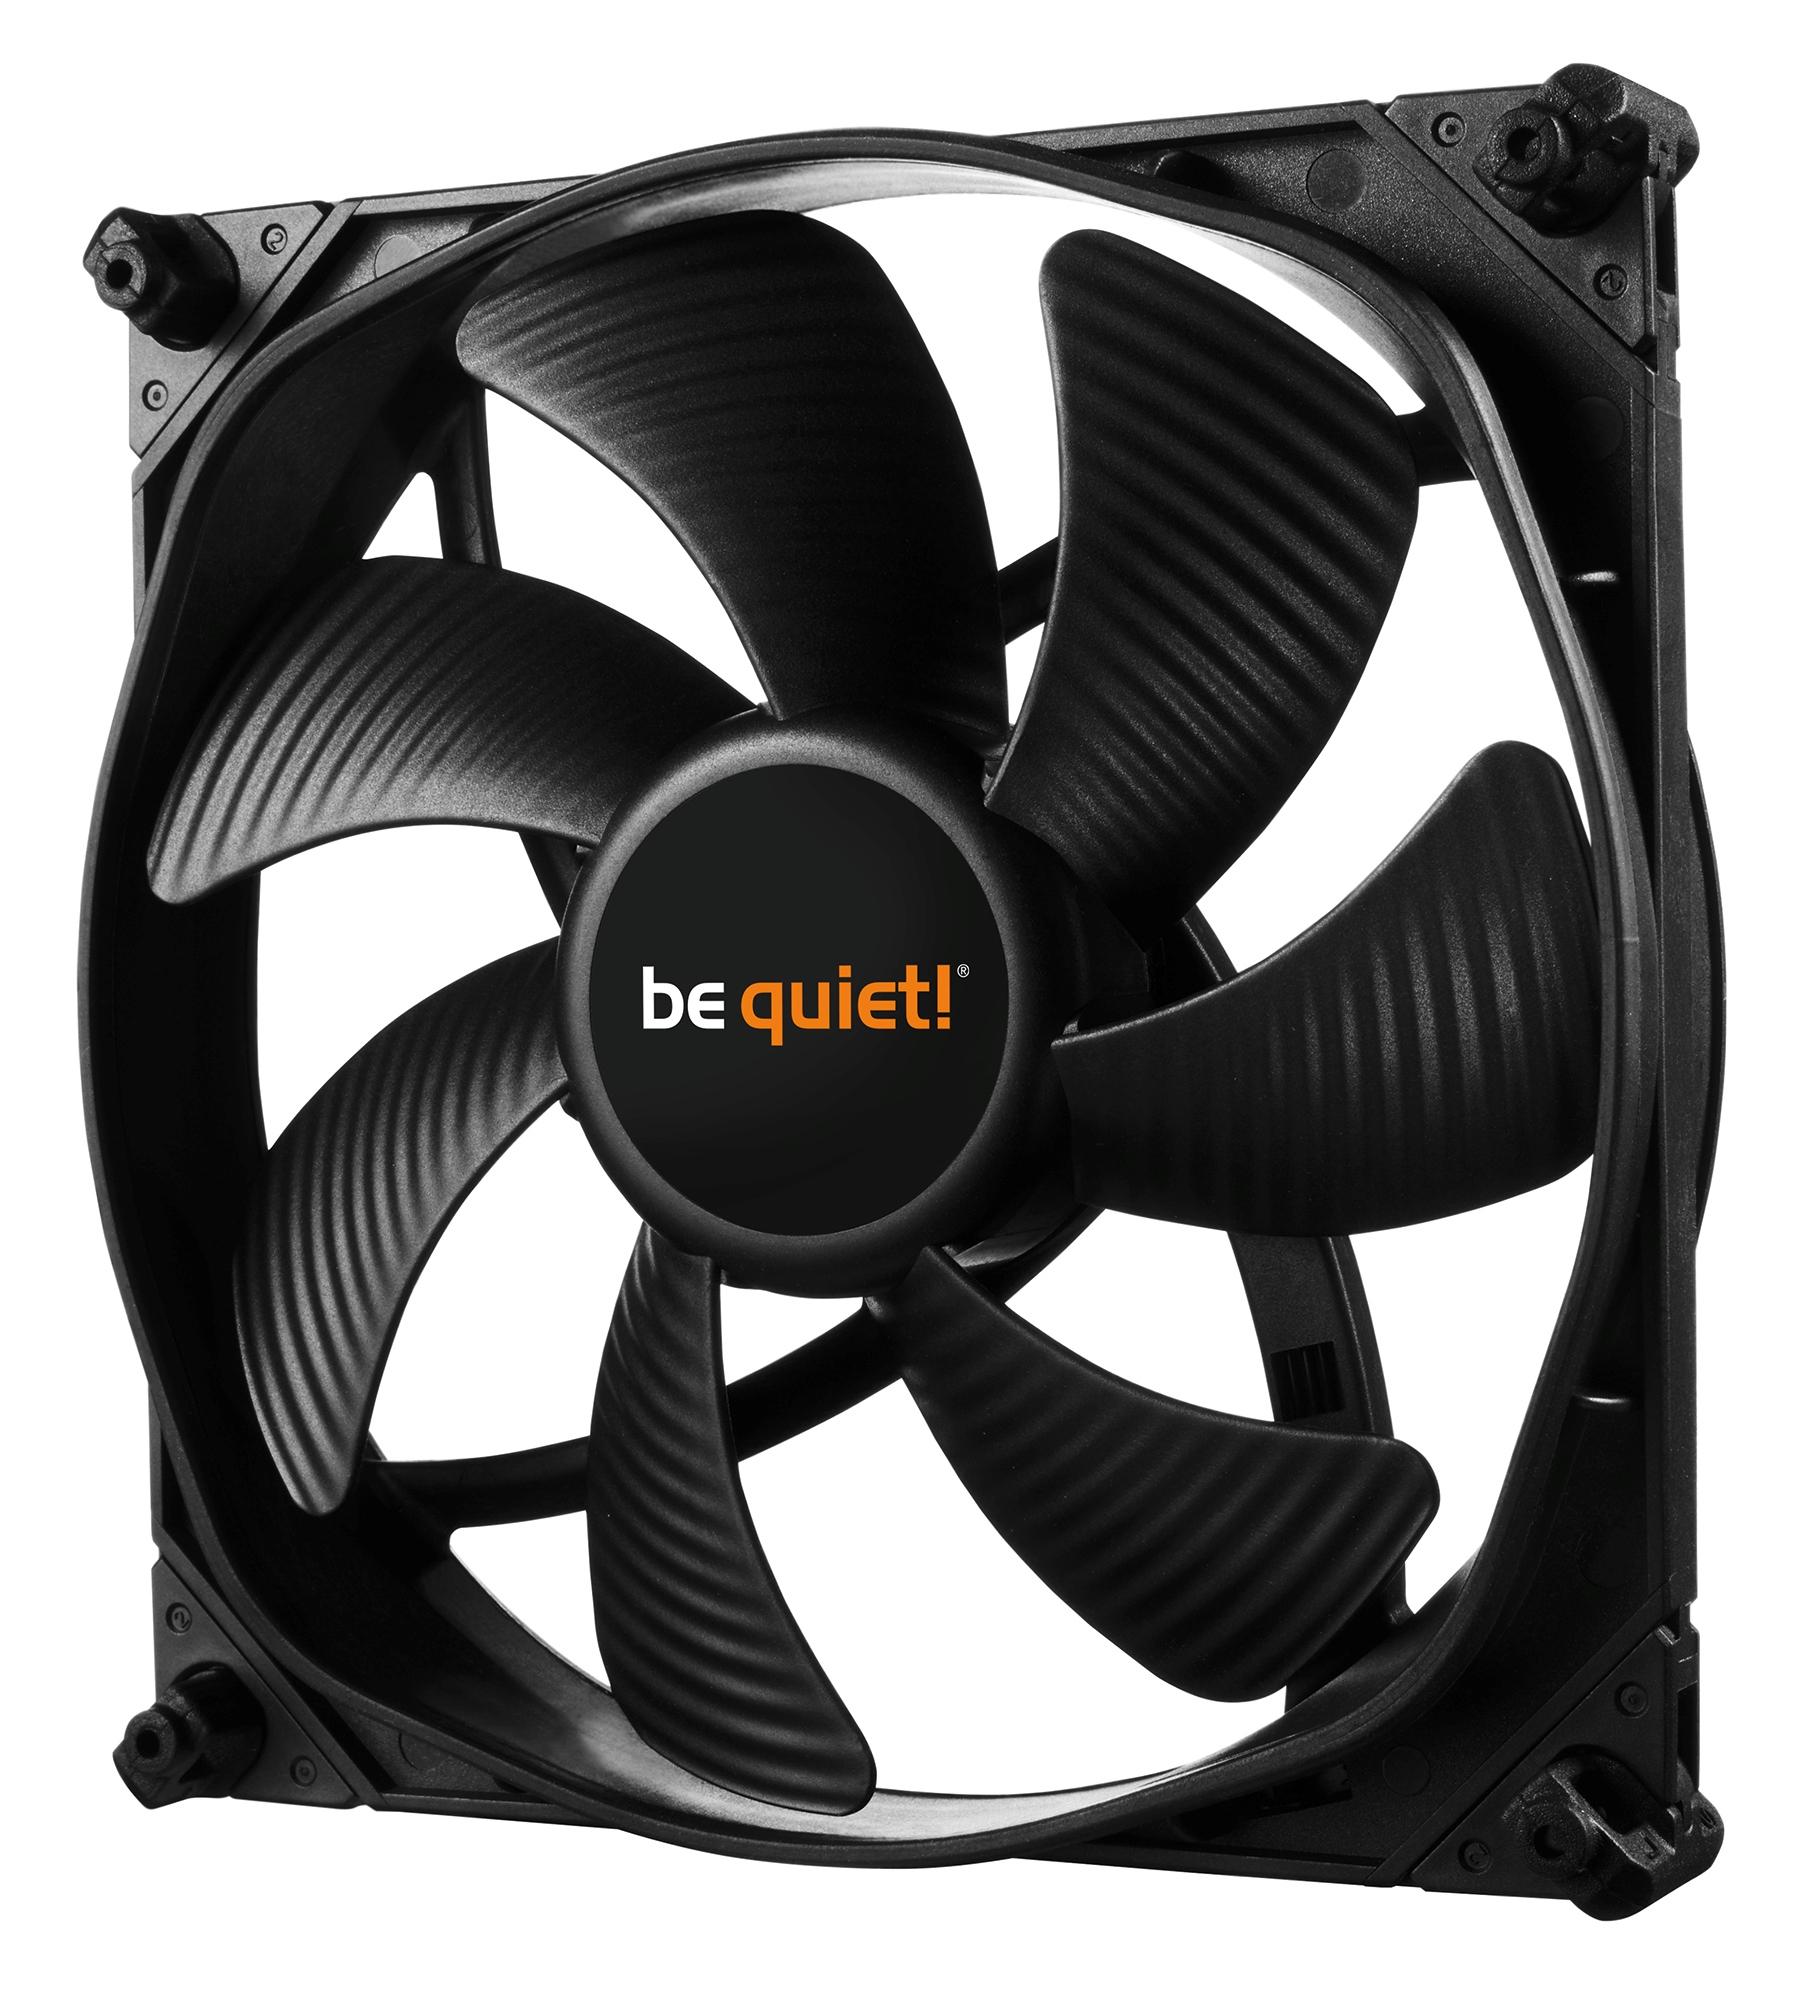 Silent Wings 3 (fan 140 mm, PWM, high-speed)